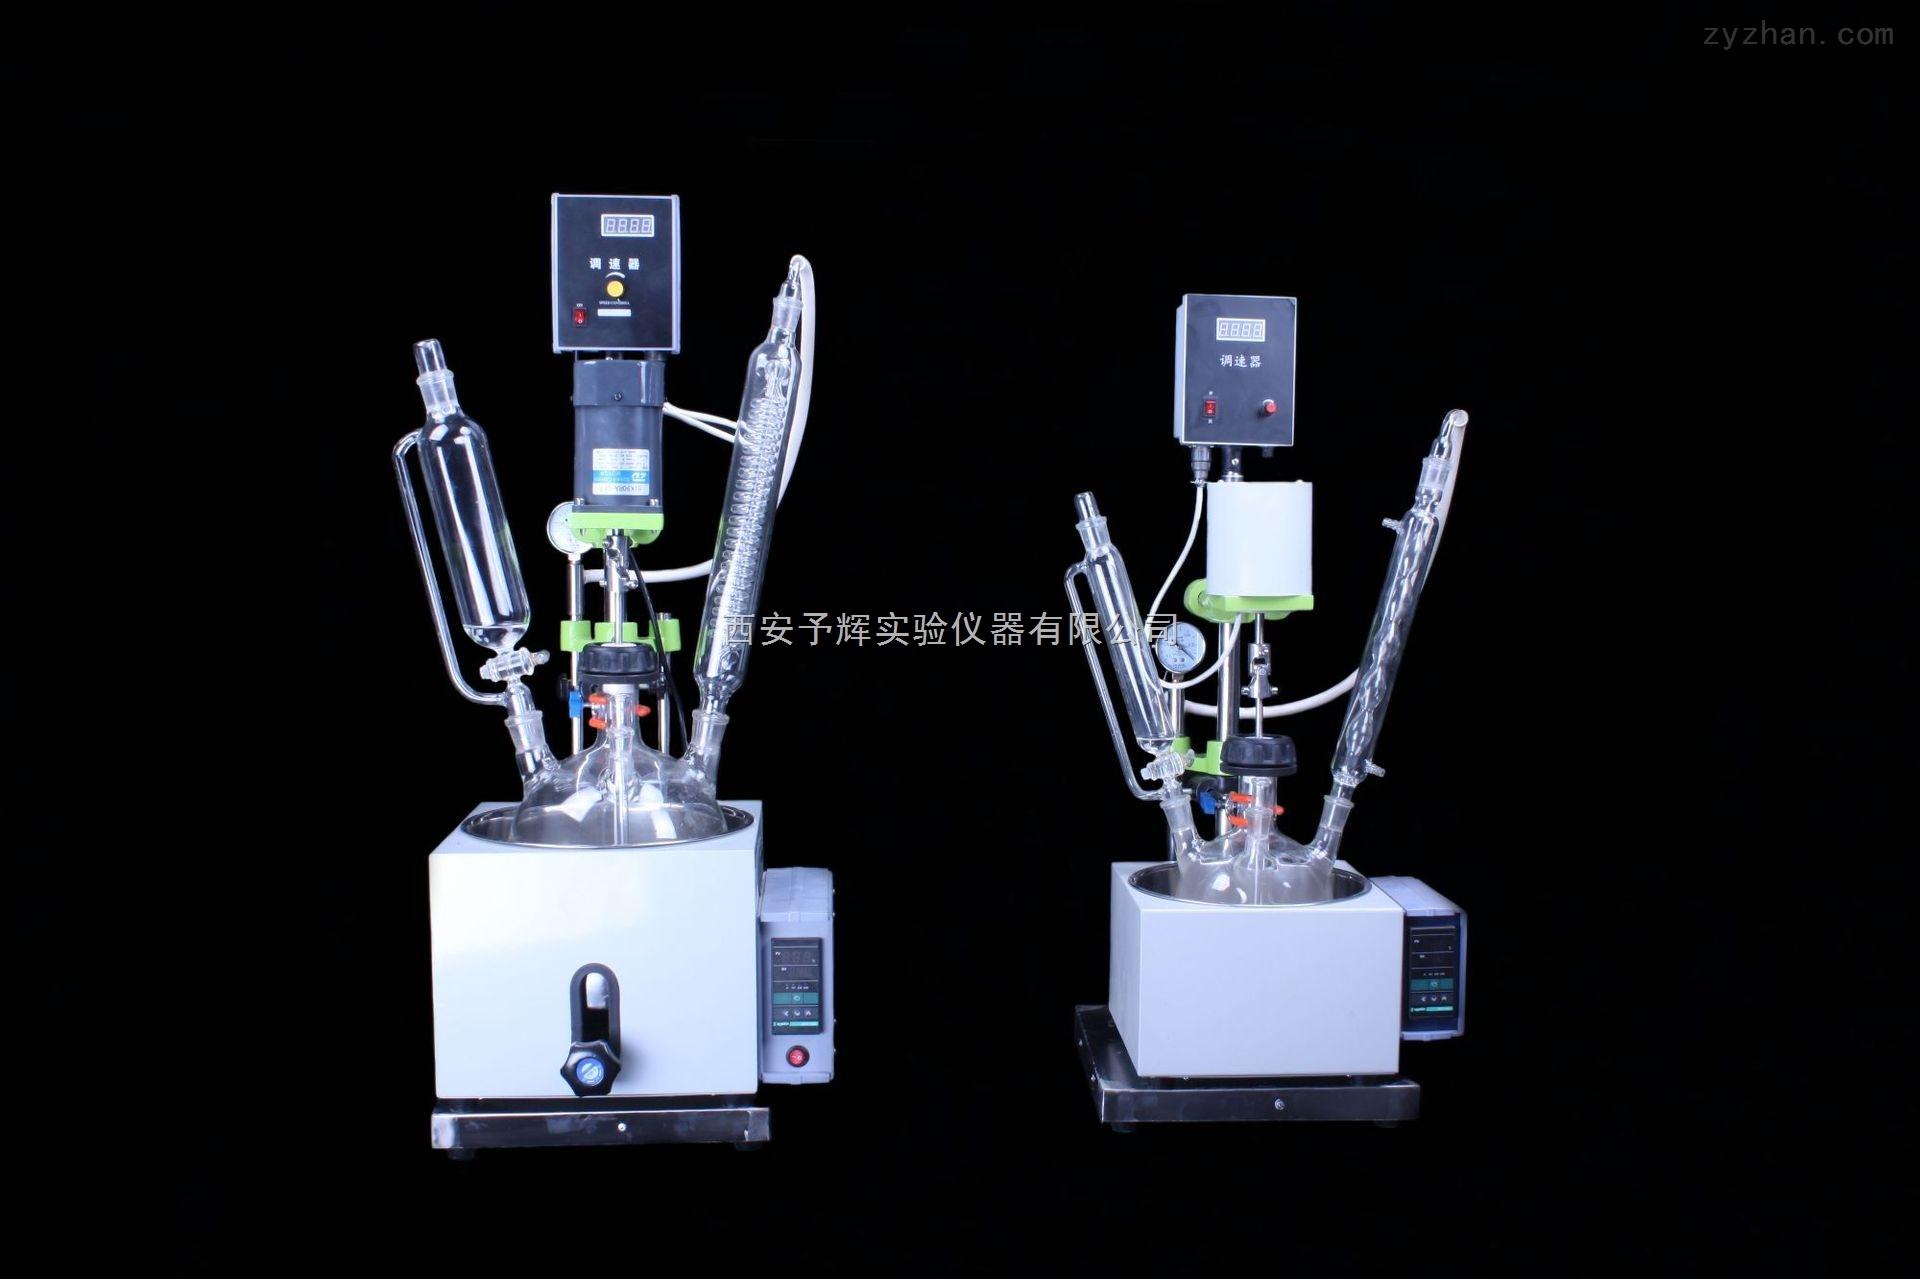 单层玻璃反应器